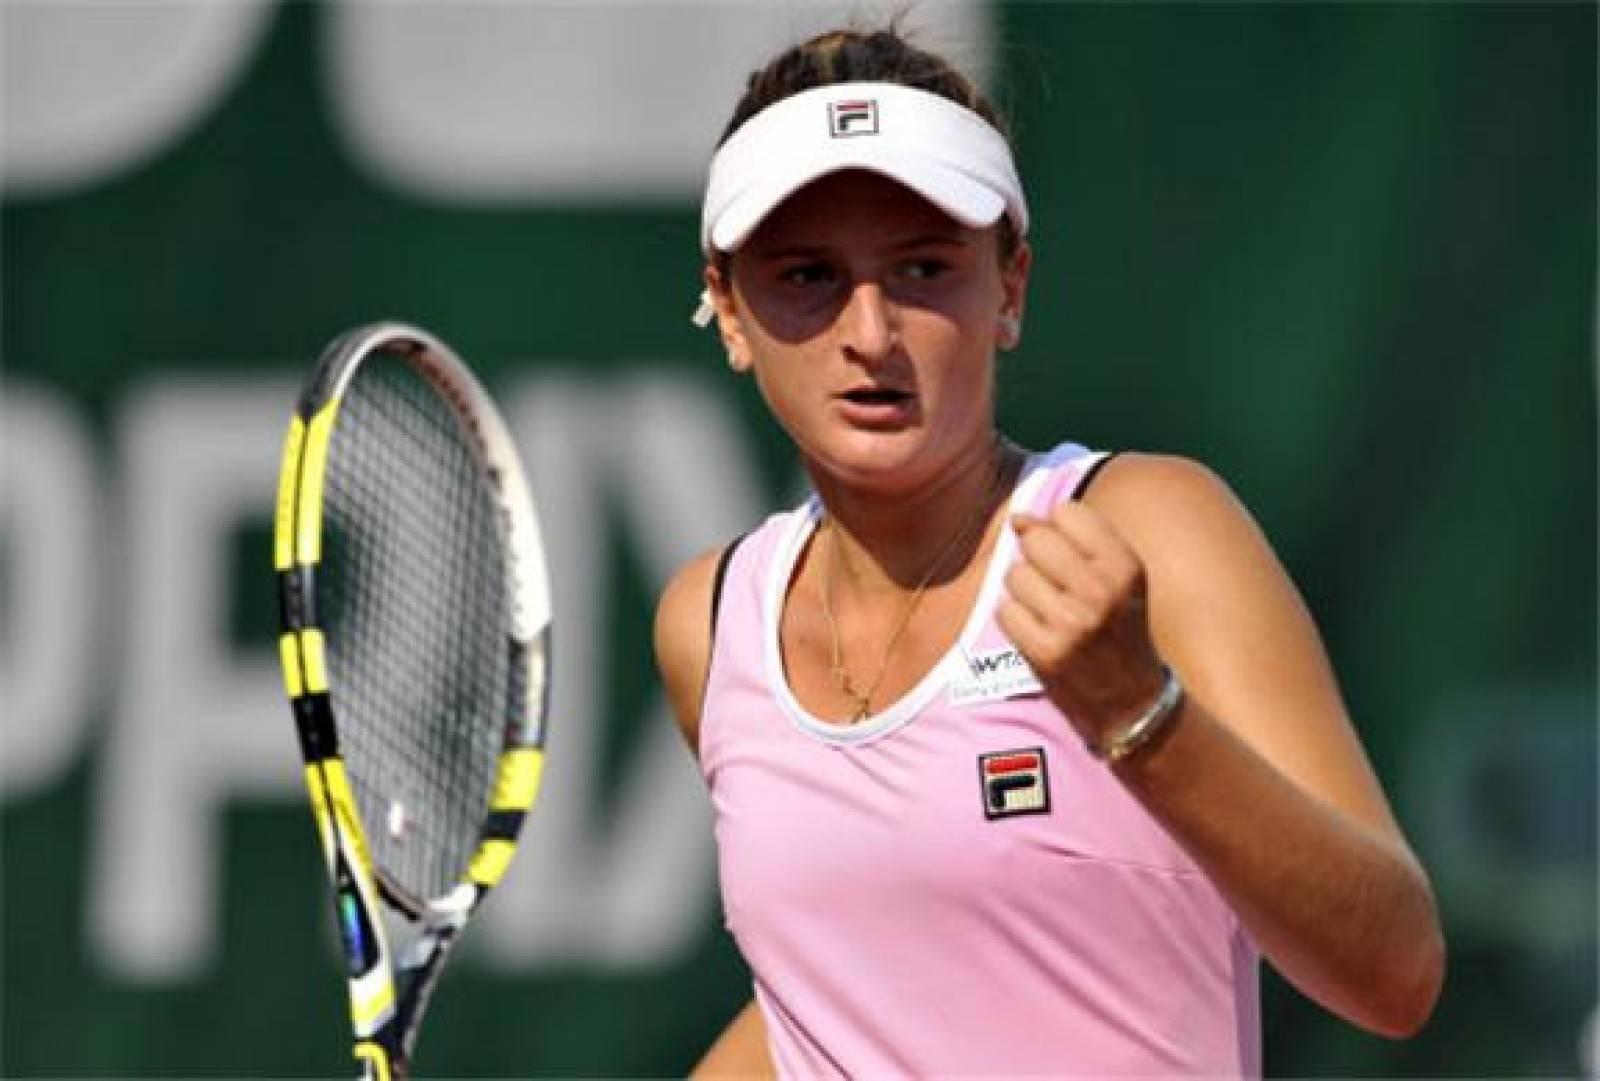 România, marea perdantă a finalei de la Ohio! Irina Begu a fost învinsă de Anett Kontaveit